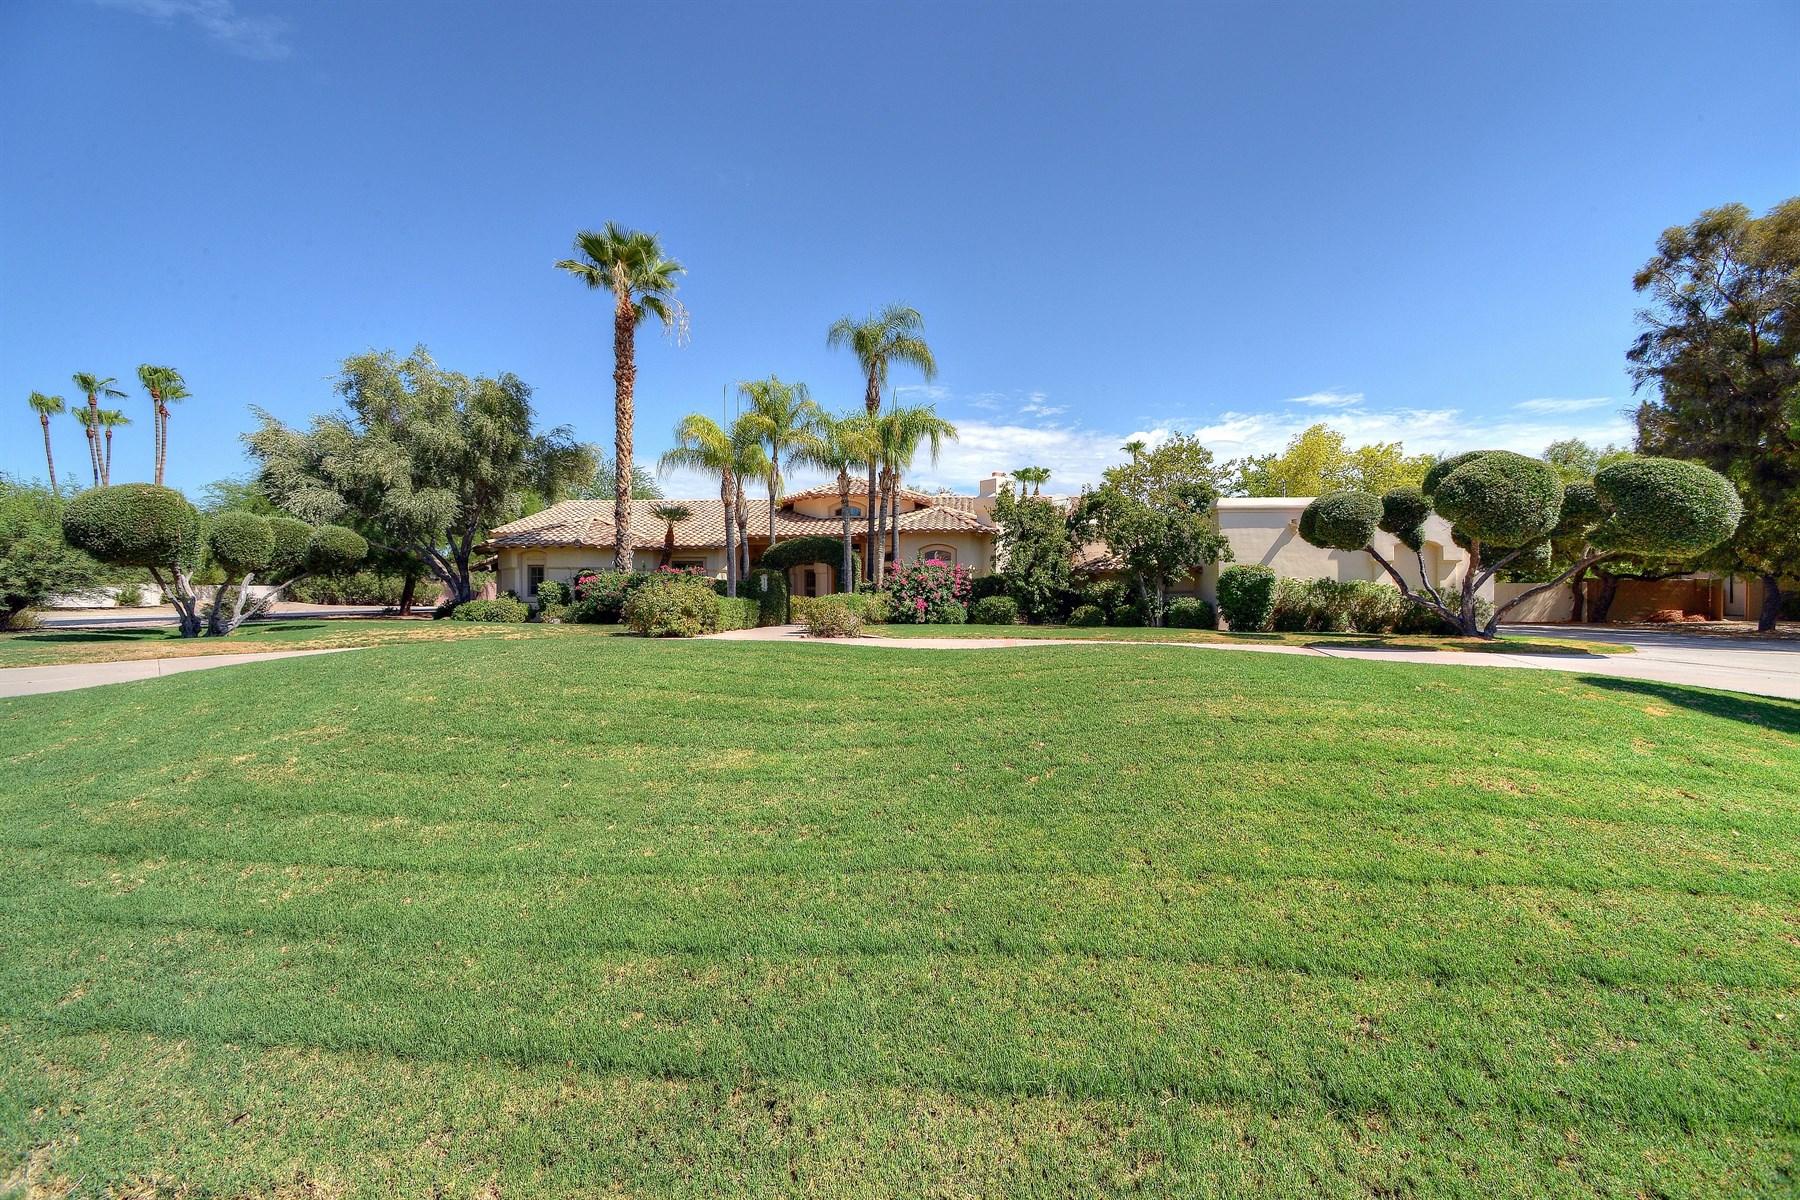 Maison unifamiliale pour l Vente à Warm and inviting beautiful home 6226 E Sunnyside Dr Scottsdale, Arizona, 85254 États-Unis